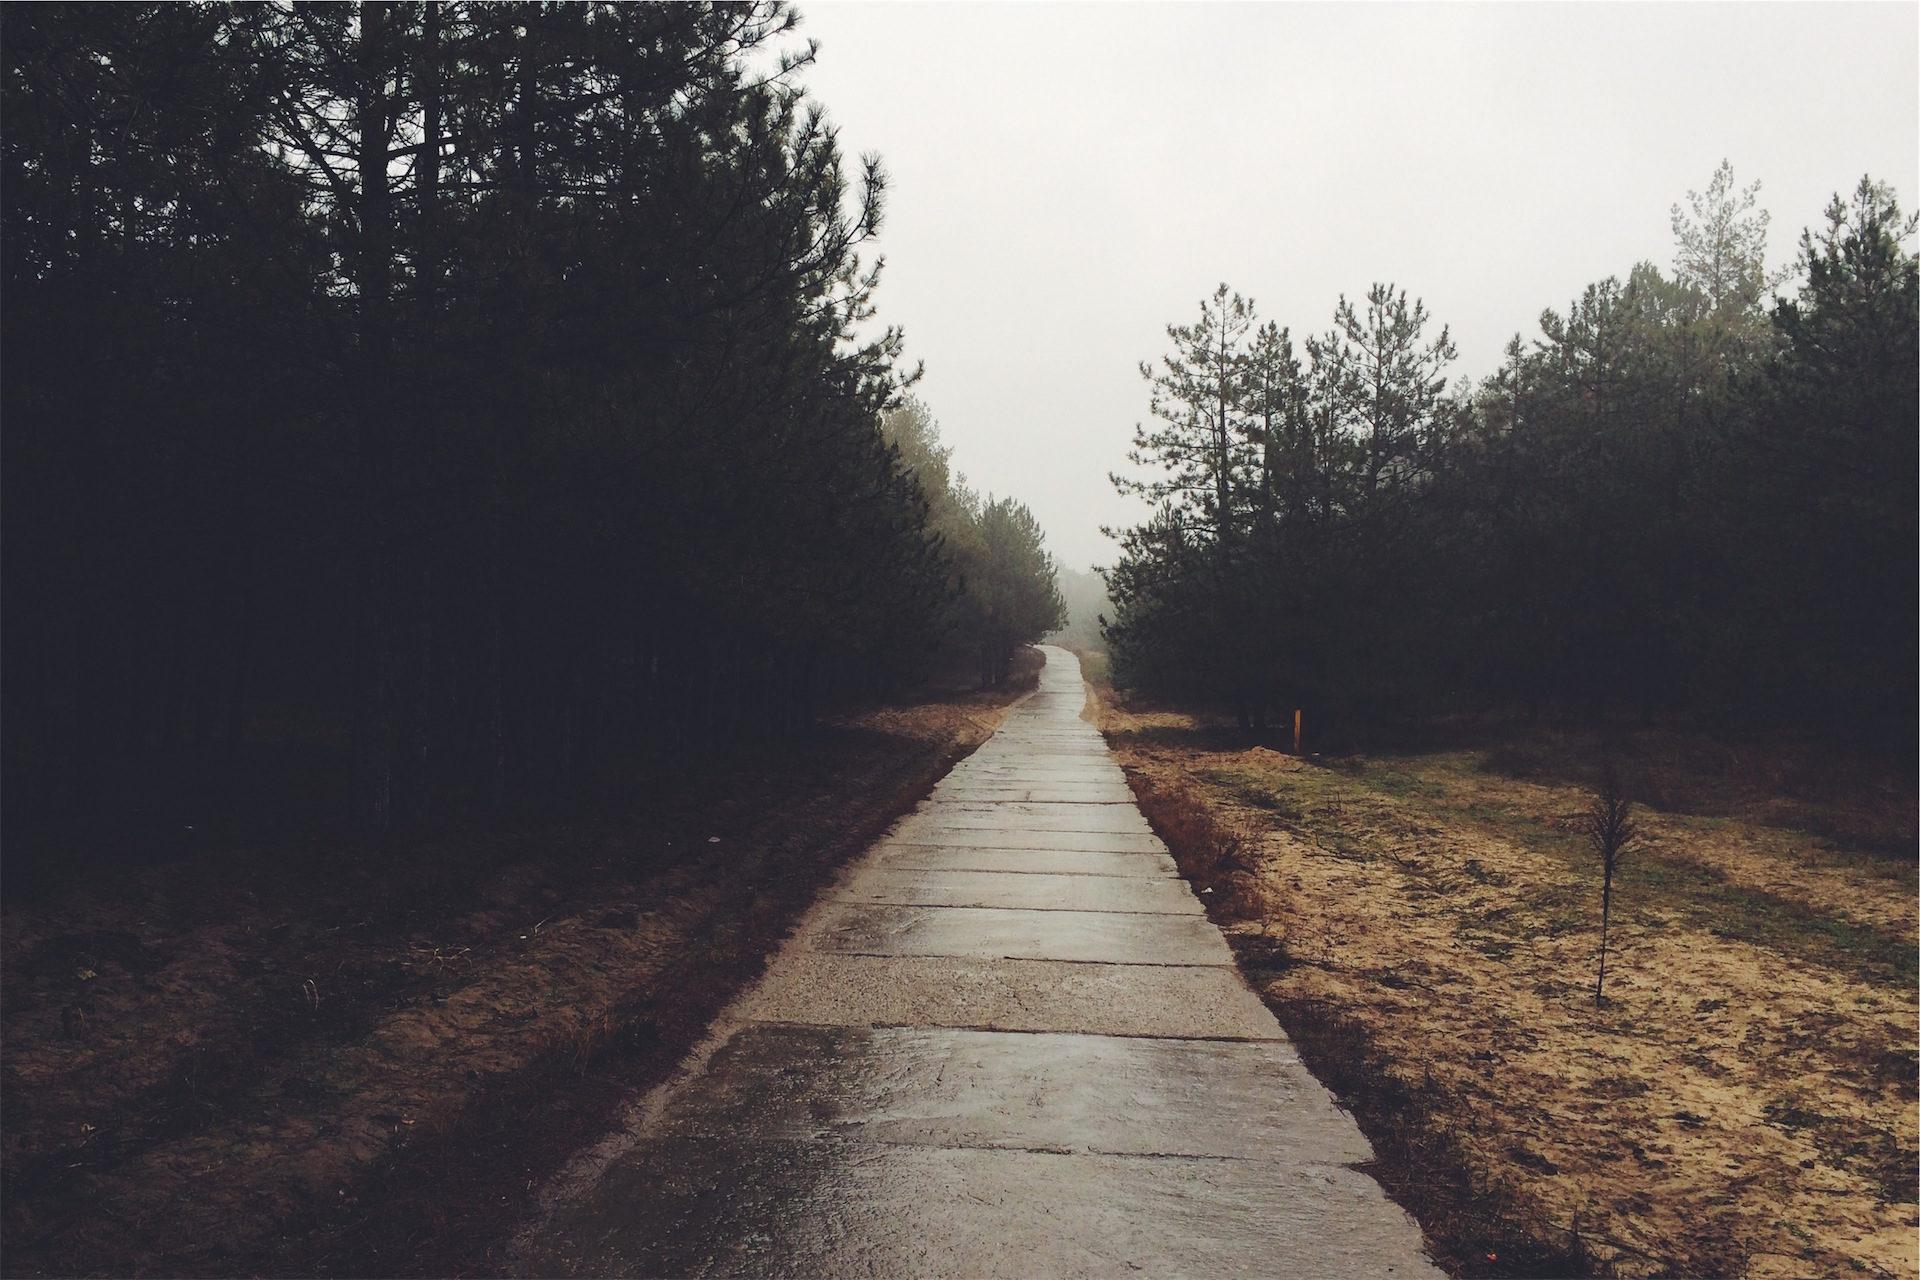 道路, 霧, フォレスト, ソレダ, リラックス - HD の壁紙 - 教授-falken.com